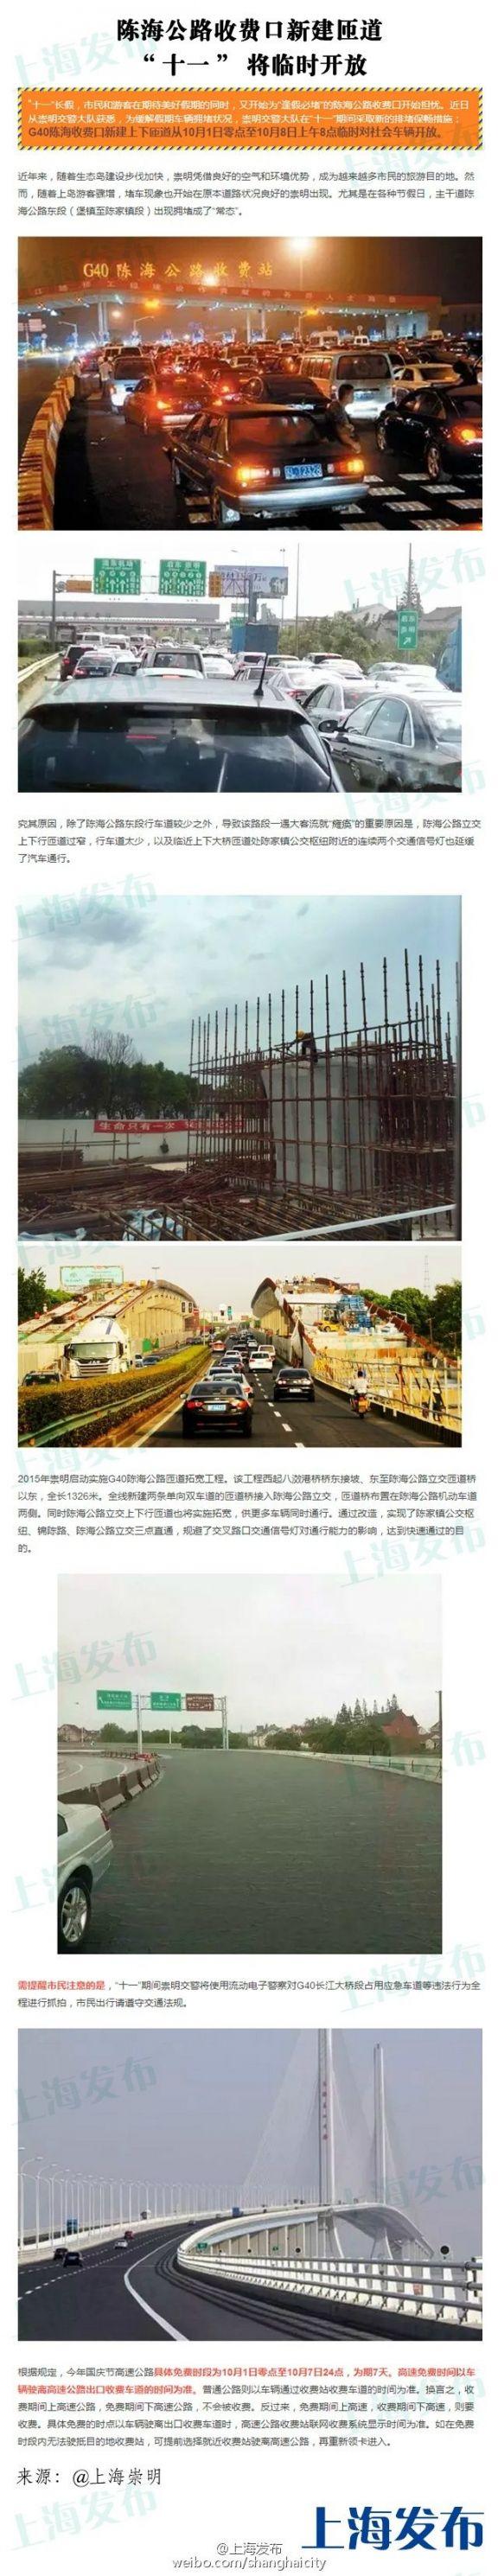 上海G40陈海公路收费口新建匝道国庆假期将临时开放